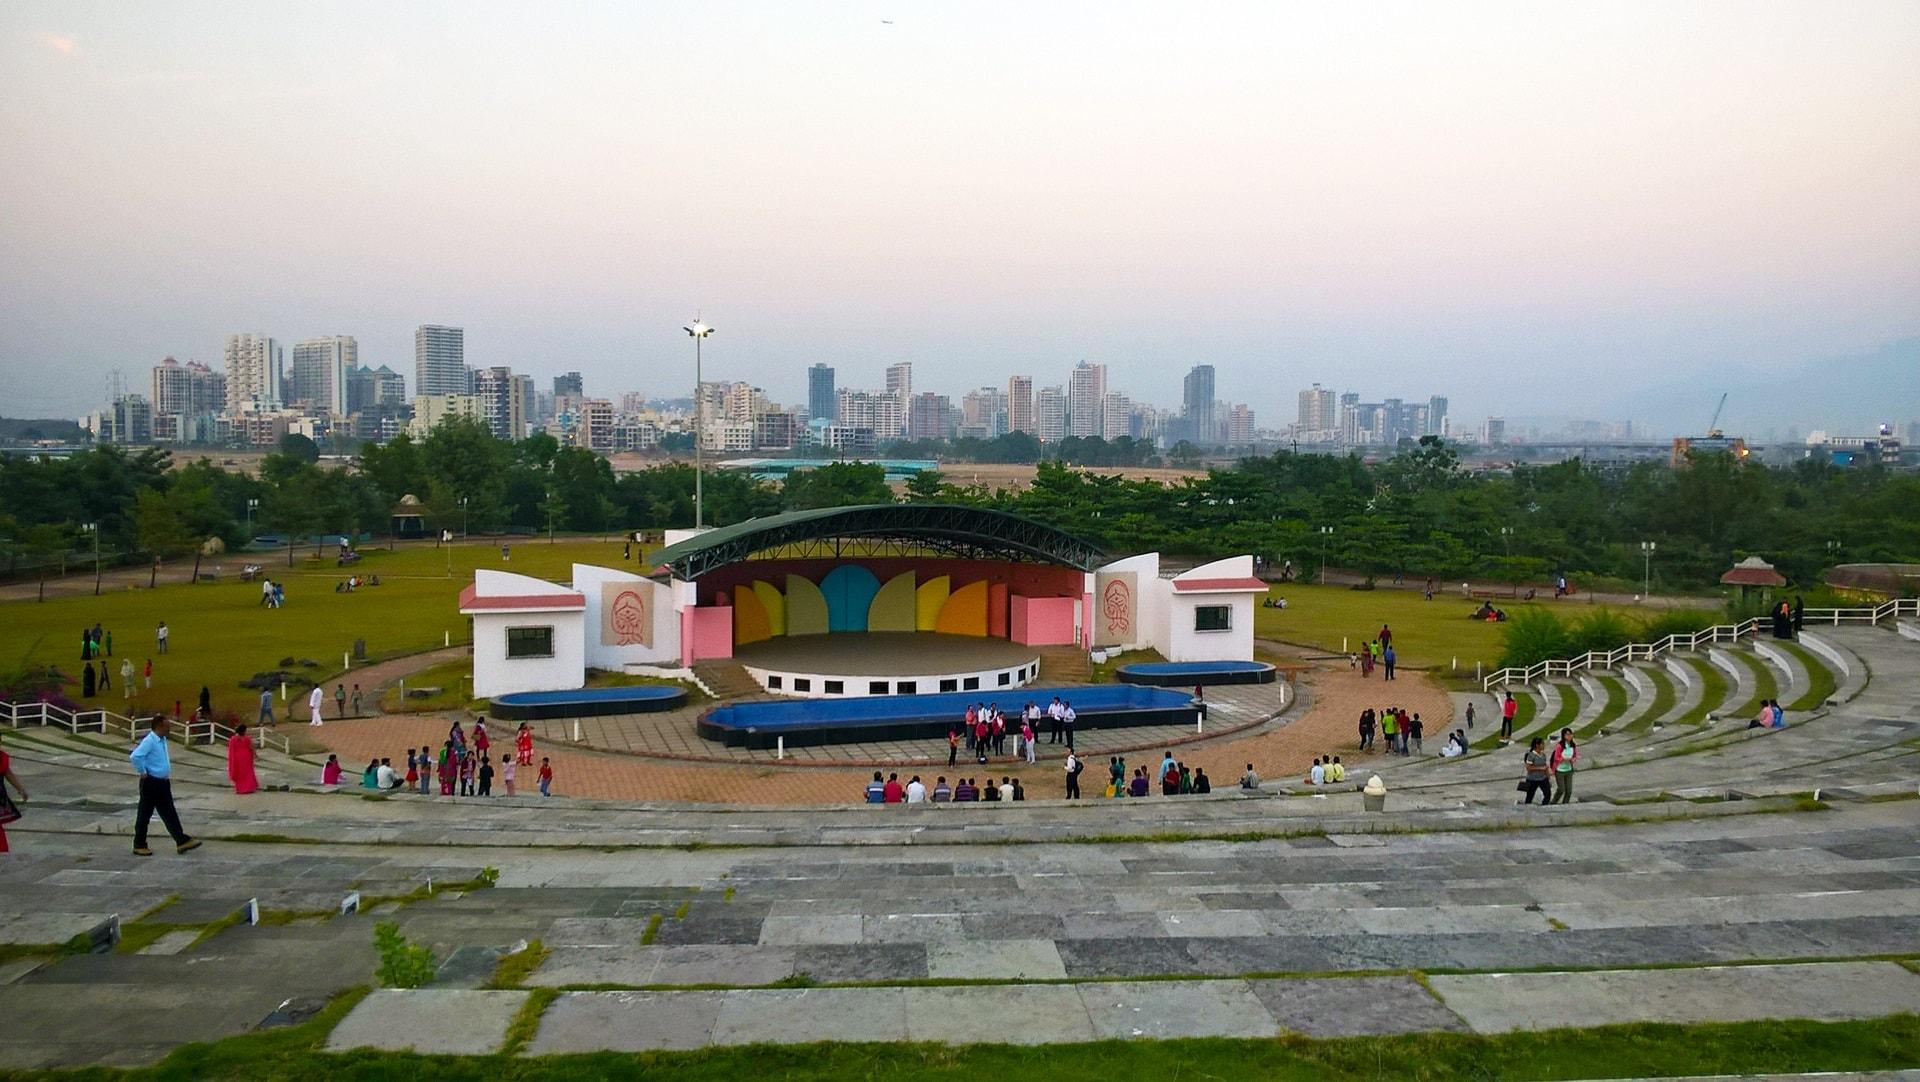 Central_Park,_Kharghar,_Navi_Mumbai,_India